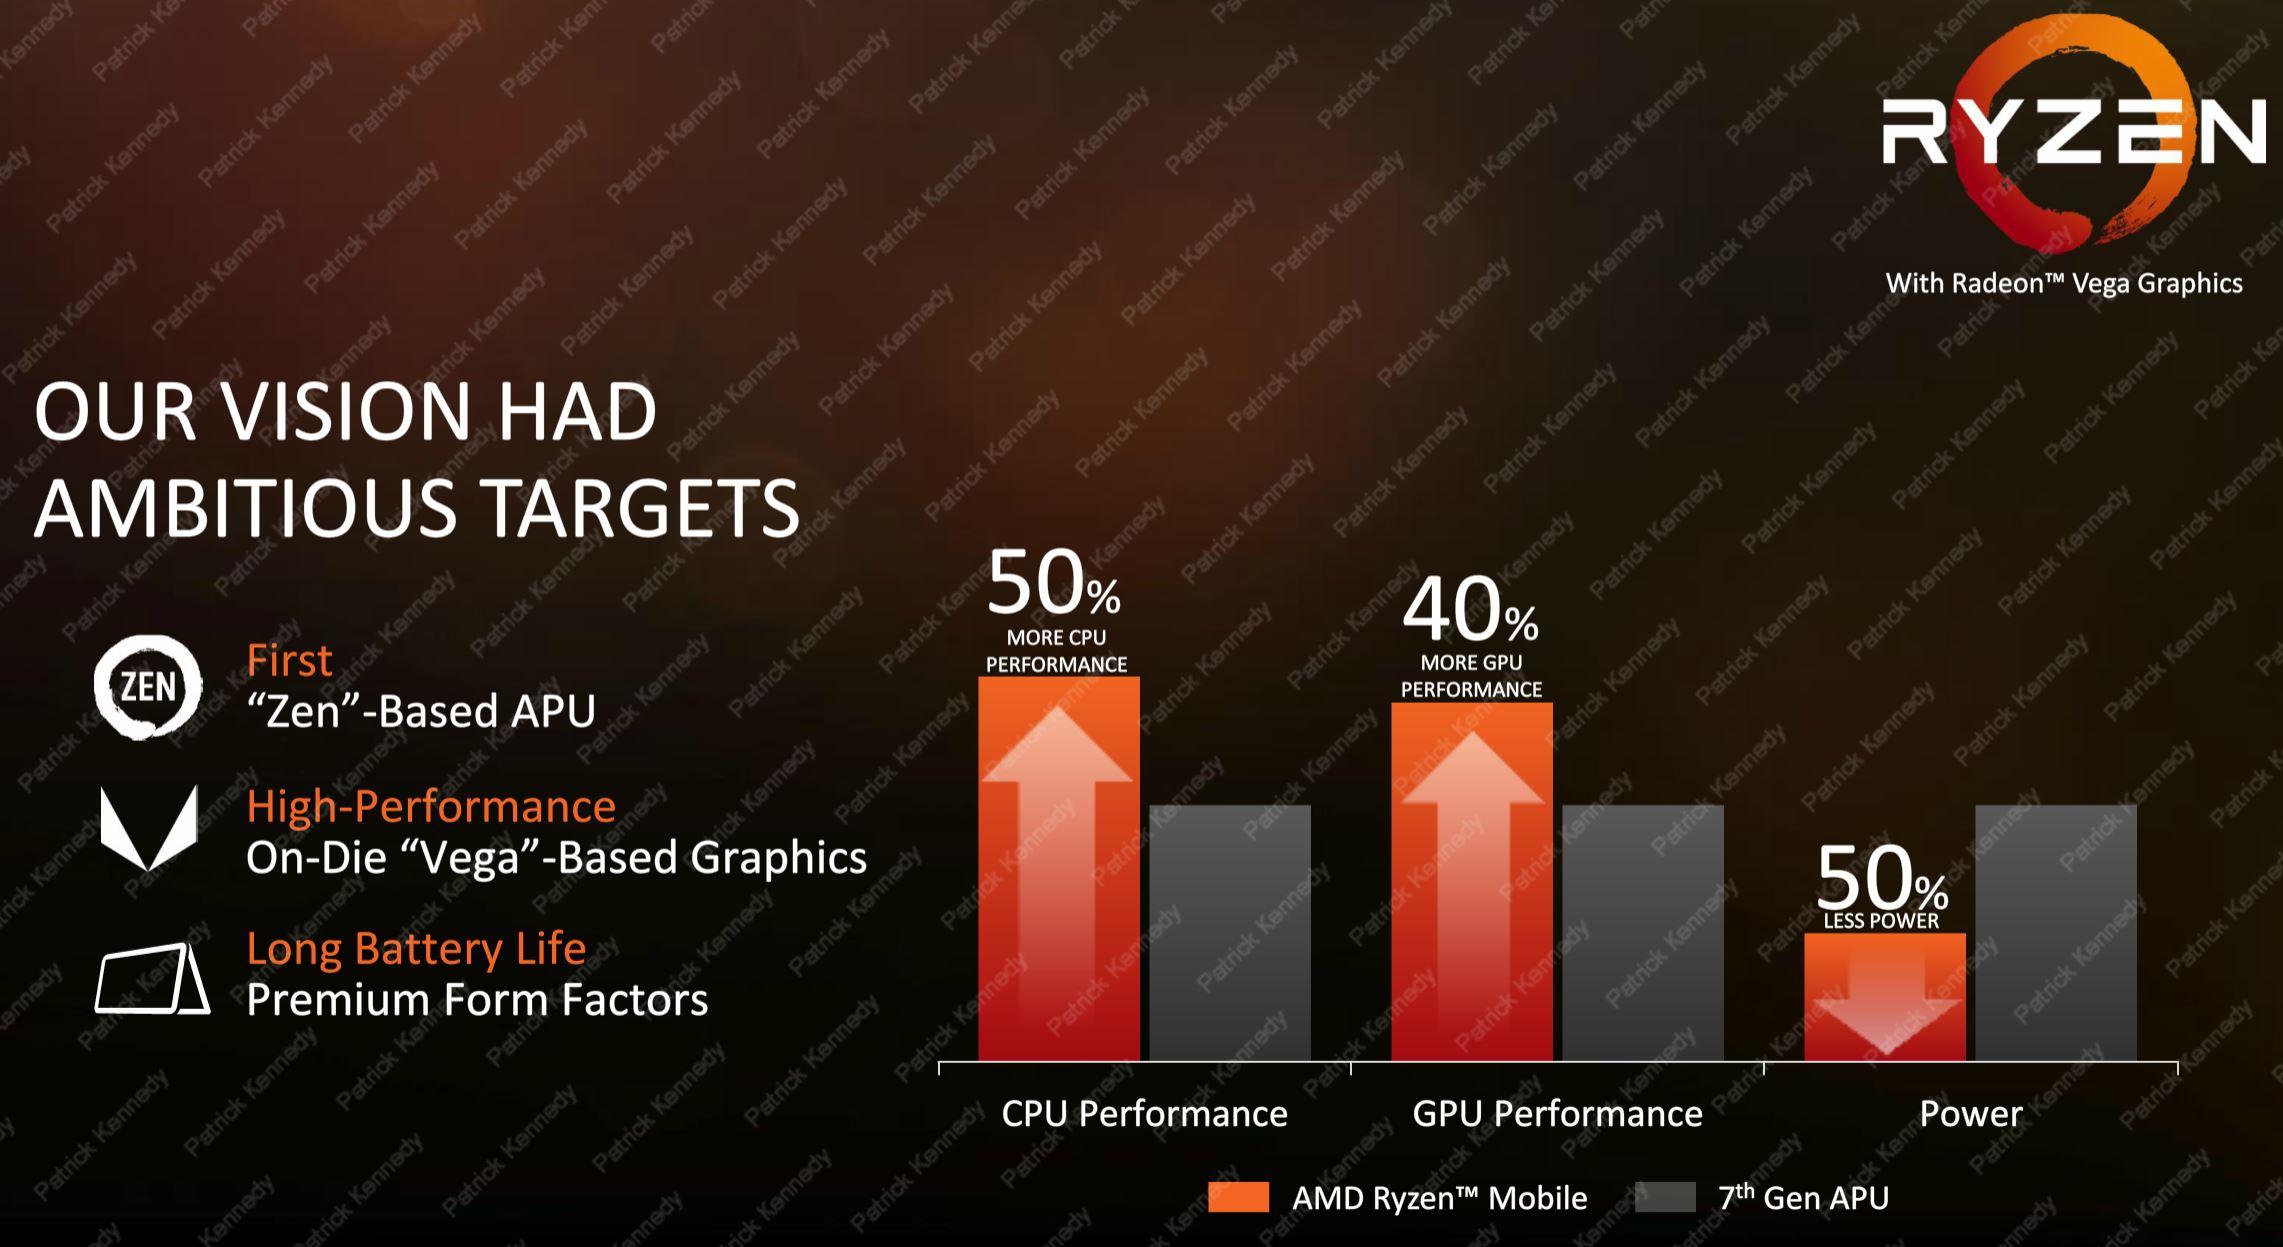 AMD Ryzen Mobile Gen Over Gen